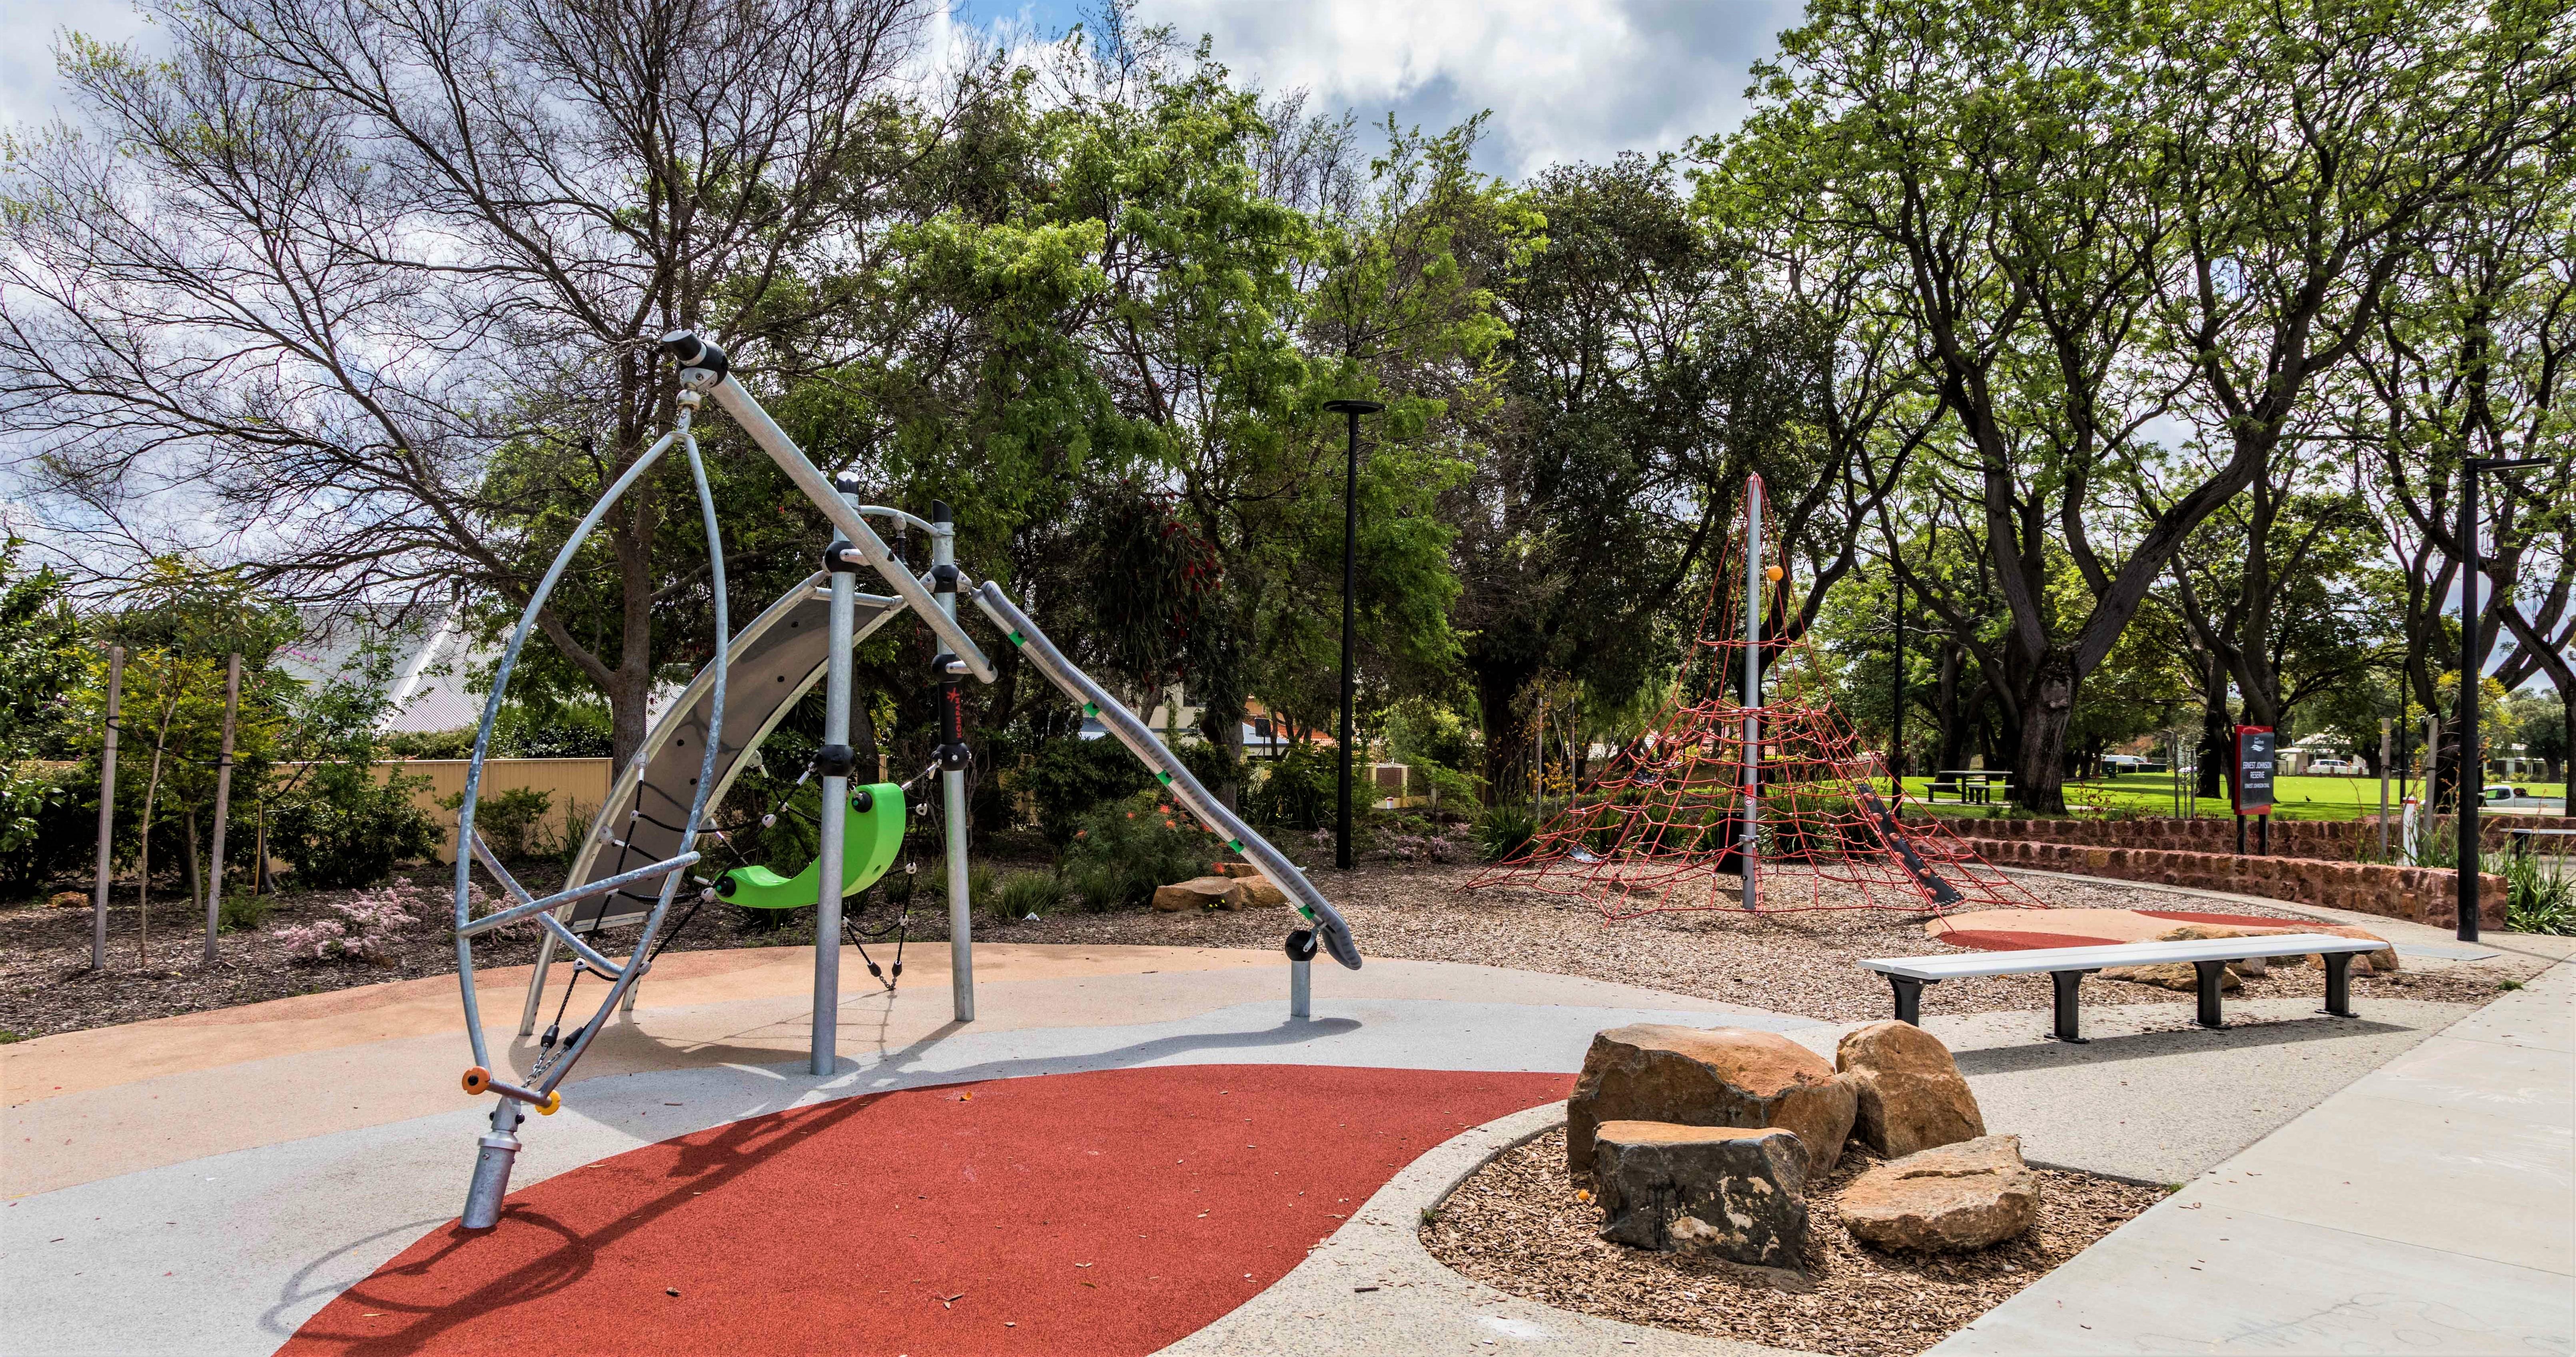 Ernest Johnson - Playground Equipment